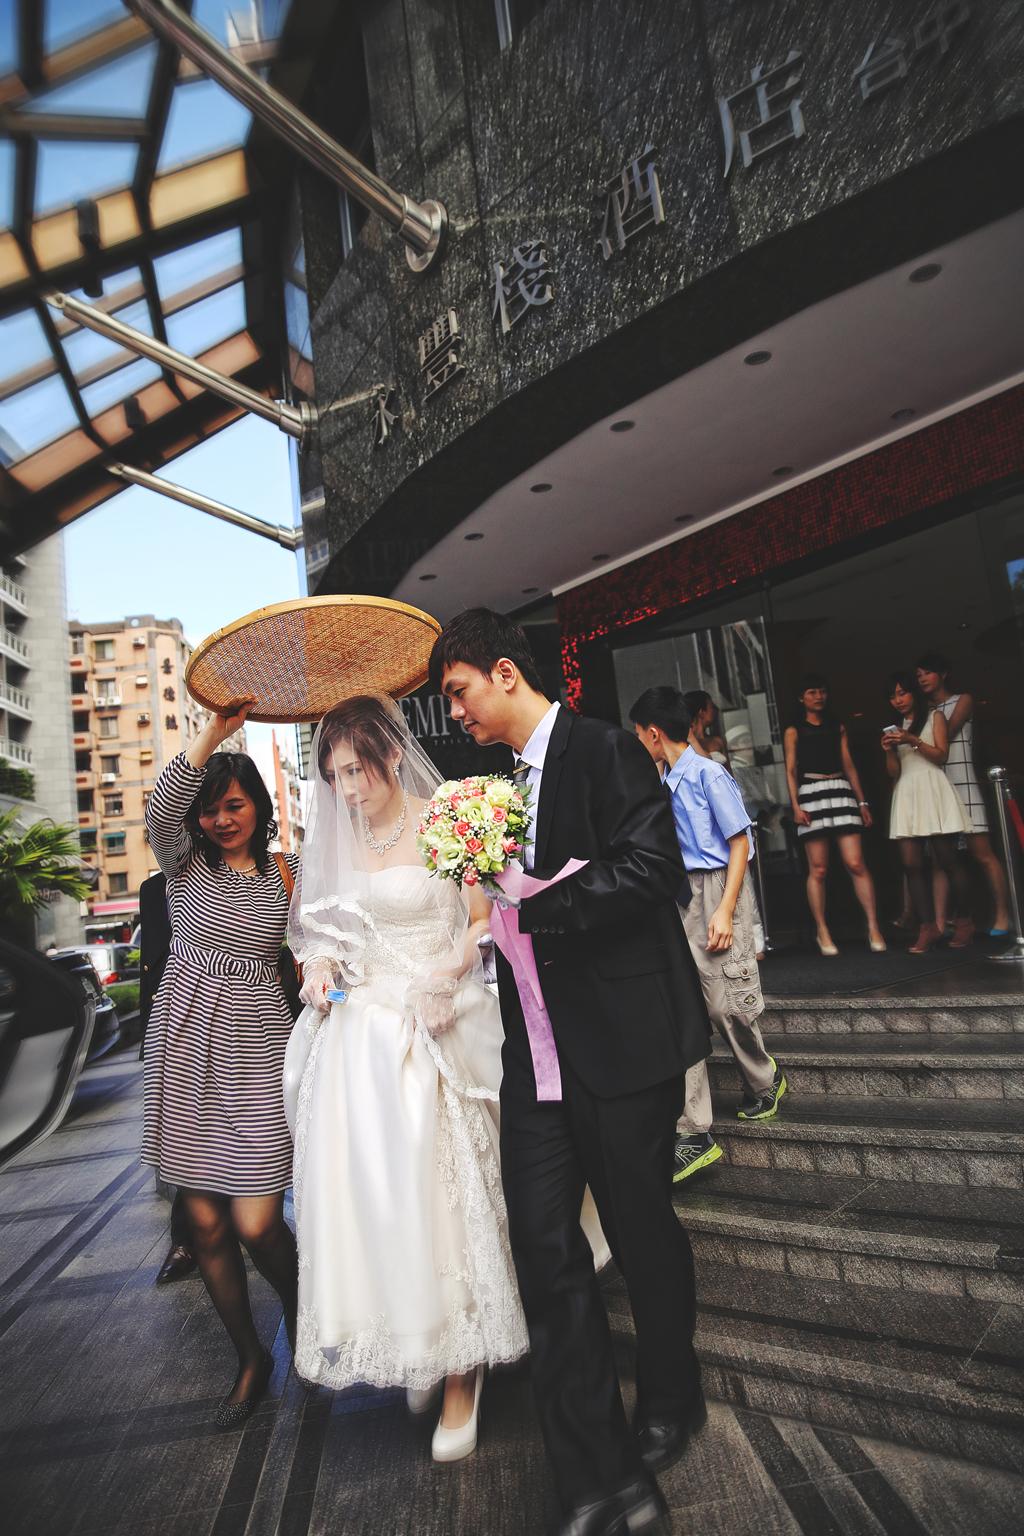 台中,婚攝郭賀,婚禮攝影,婚禮記錄, 台中婚攝,永豐棧酒店,永豐棧,迎娶,定結,文定,婚禮紀實